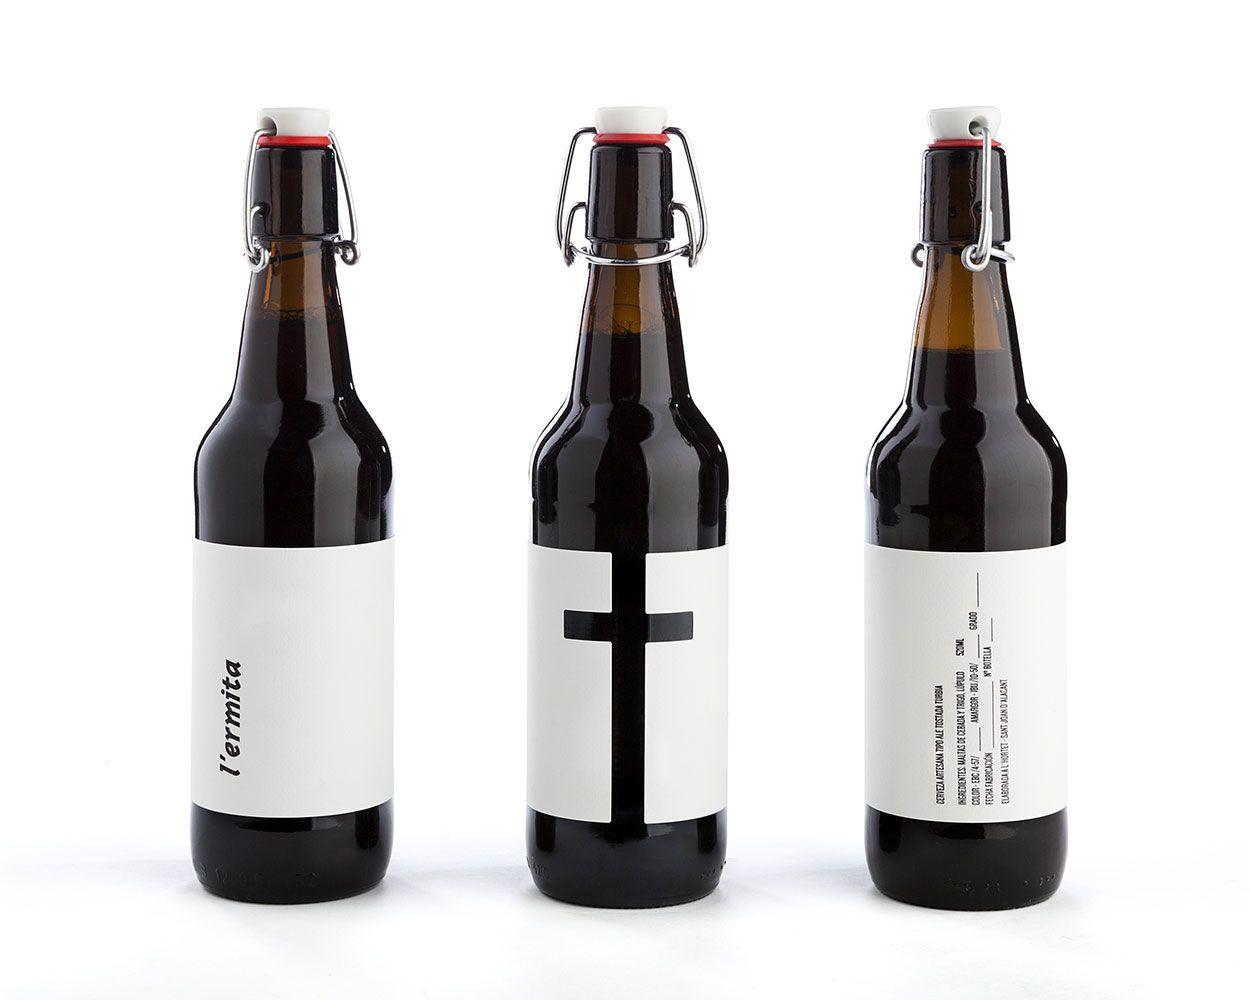 Cerveza L'ermita by Nueve